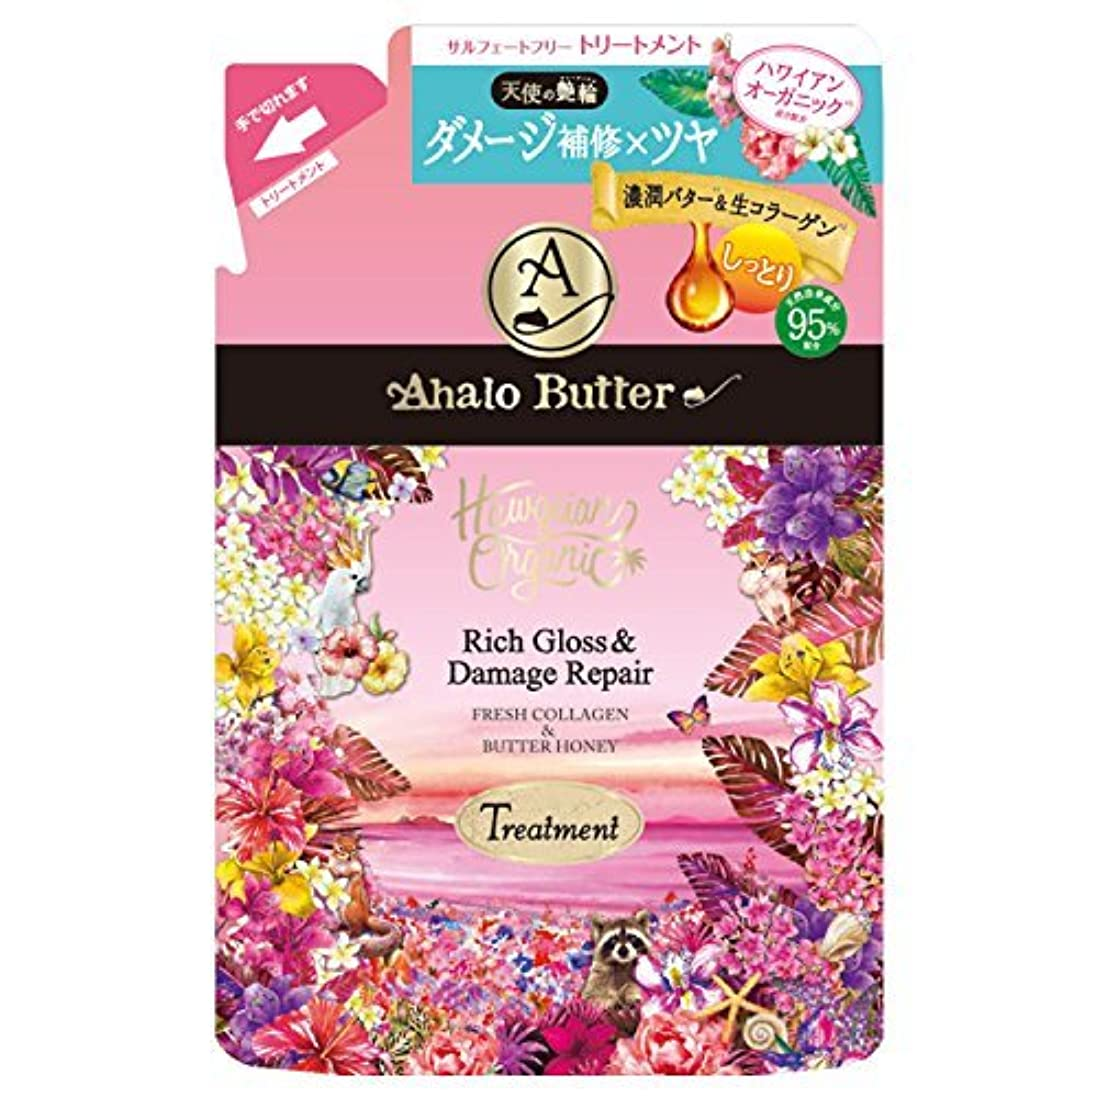 お恐ろしいです洞窟Ahalo butter(アハロバター) ハワイアンオーガニック リッチグロス&ダメージリペアトリートメント / 詰め替え / 400ml